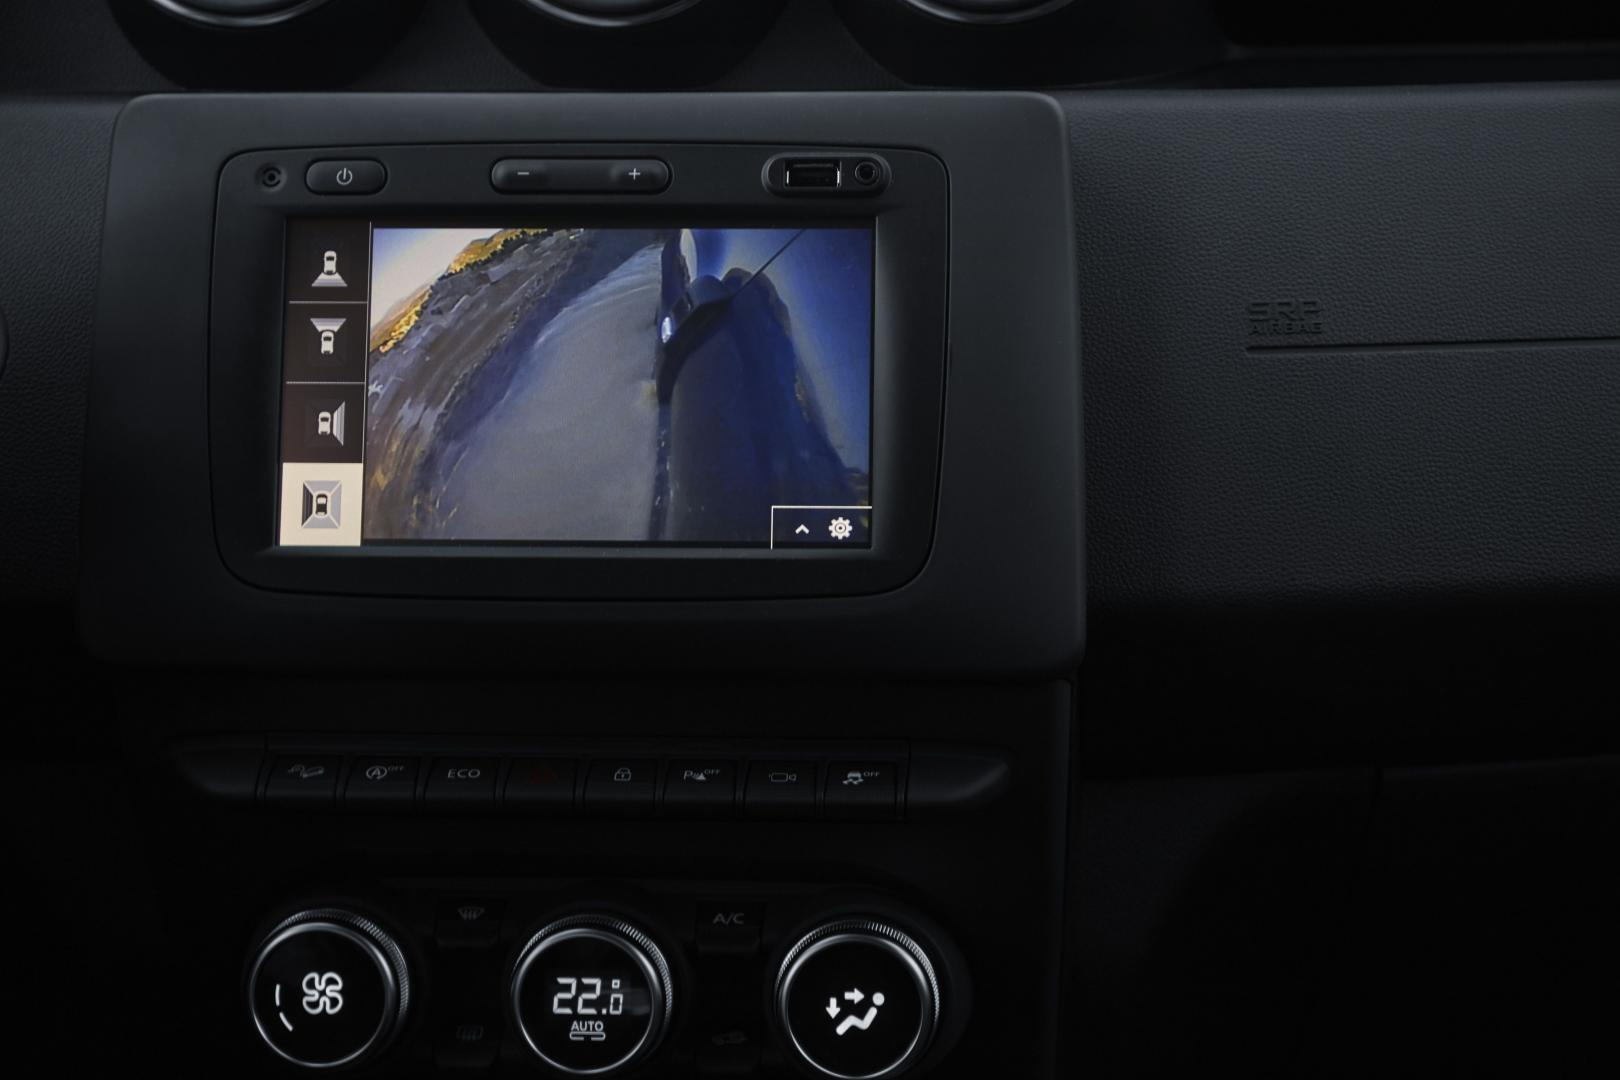 Toter-Winkel-Warner für mehr Sicherheit beim Dacia DUSTER Autohaus Schouren